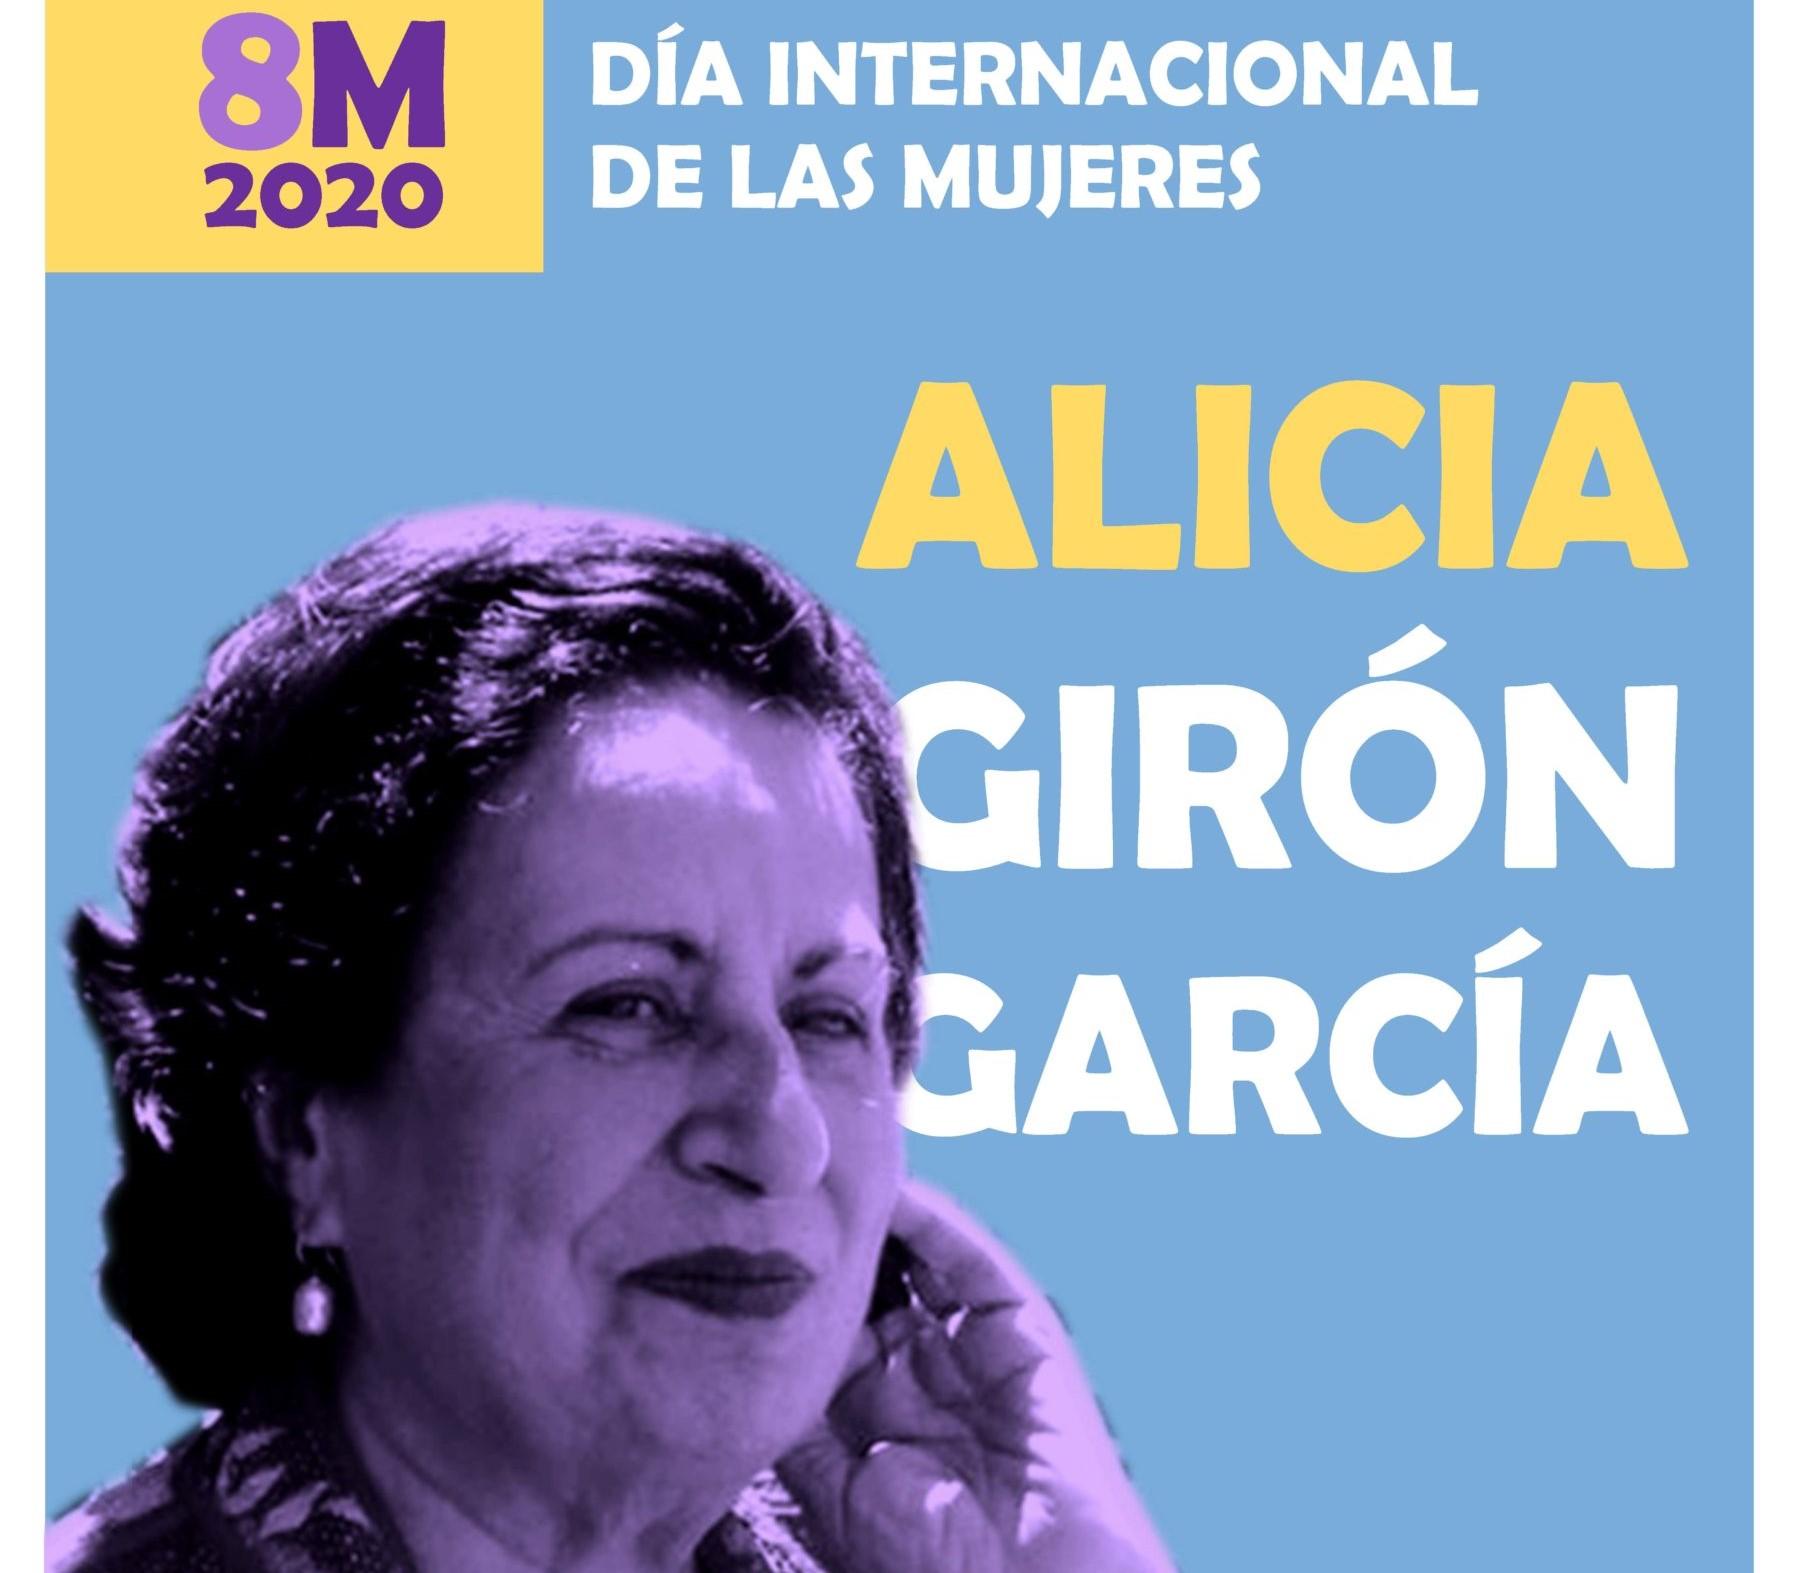 Cartel homenaje a Alicia Girón García en la ULPGC por el Día Internacional de la Mujer